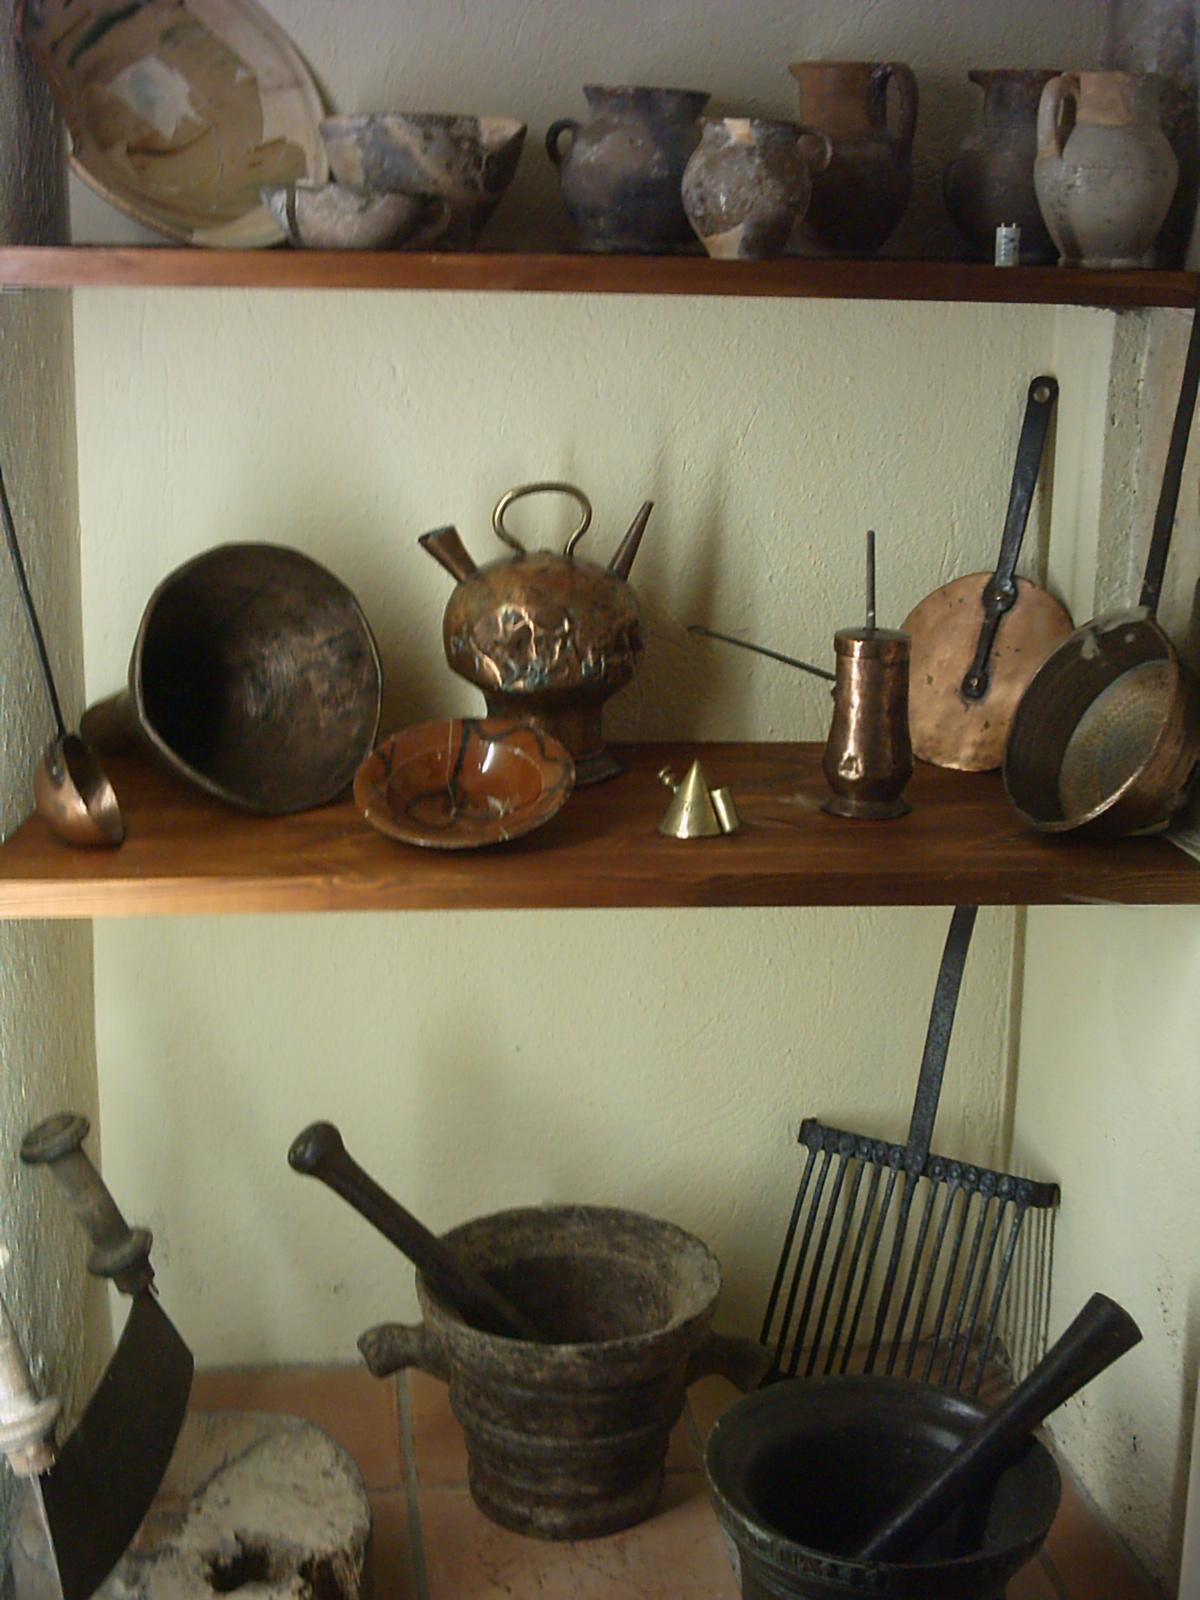 Museo exposiciones arte y ensayos utensilios de cocina for Utensilios modernos